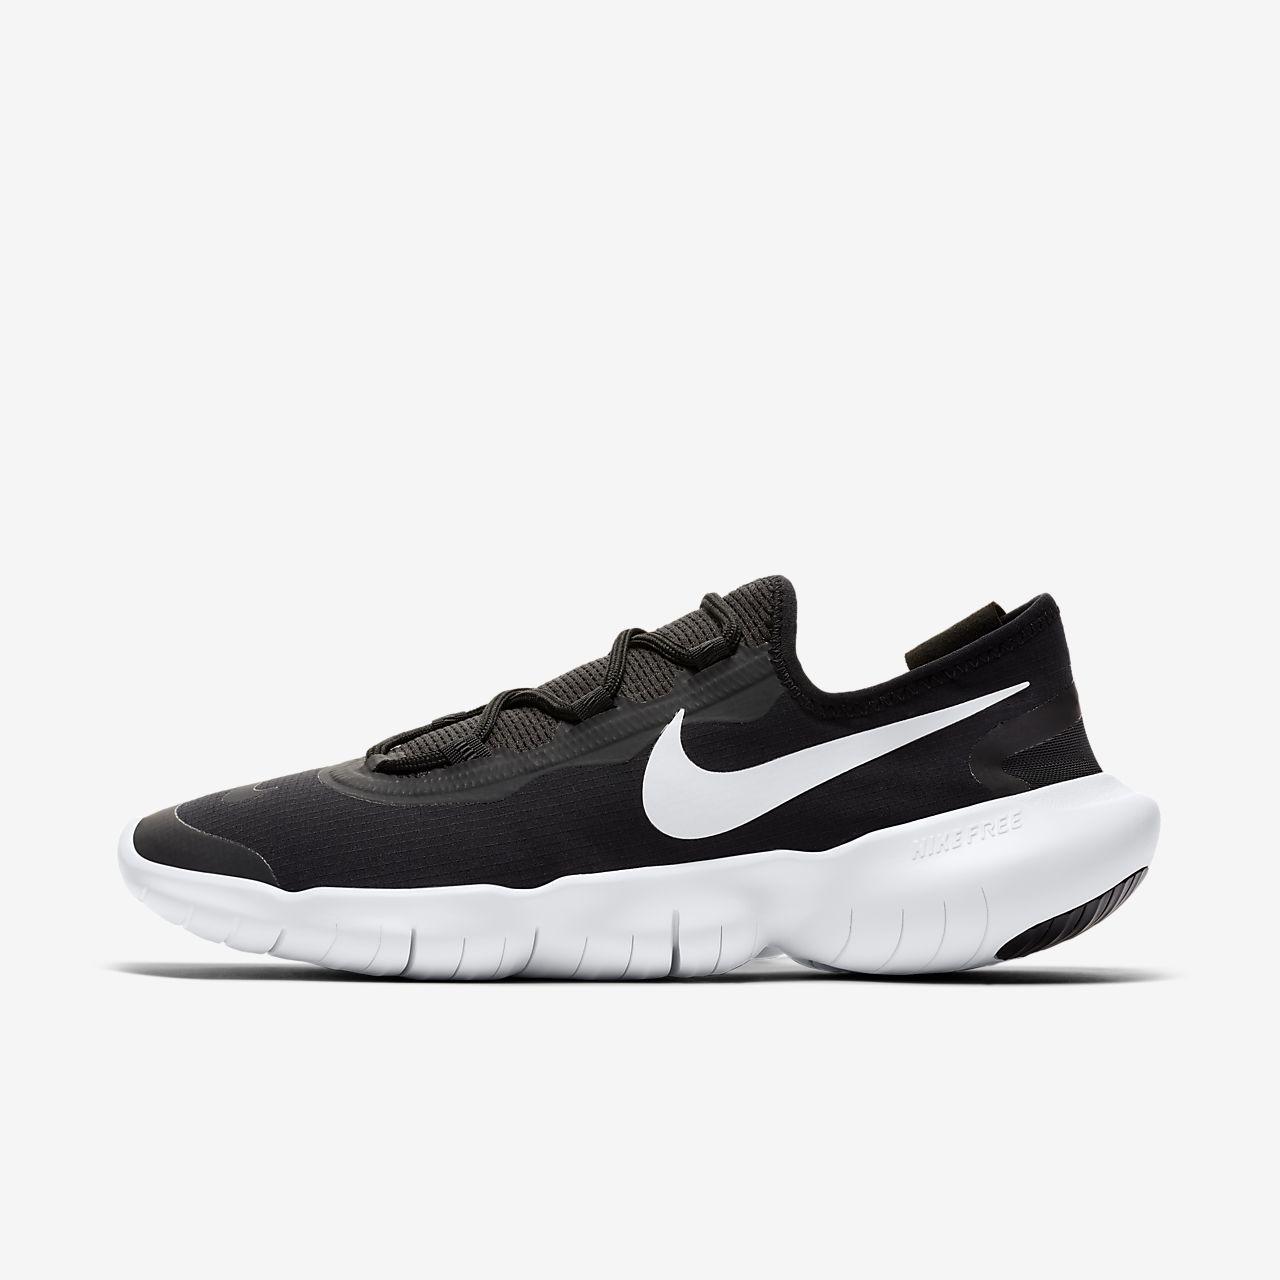 nike free 5.0 running shoes men - 56